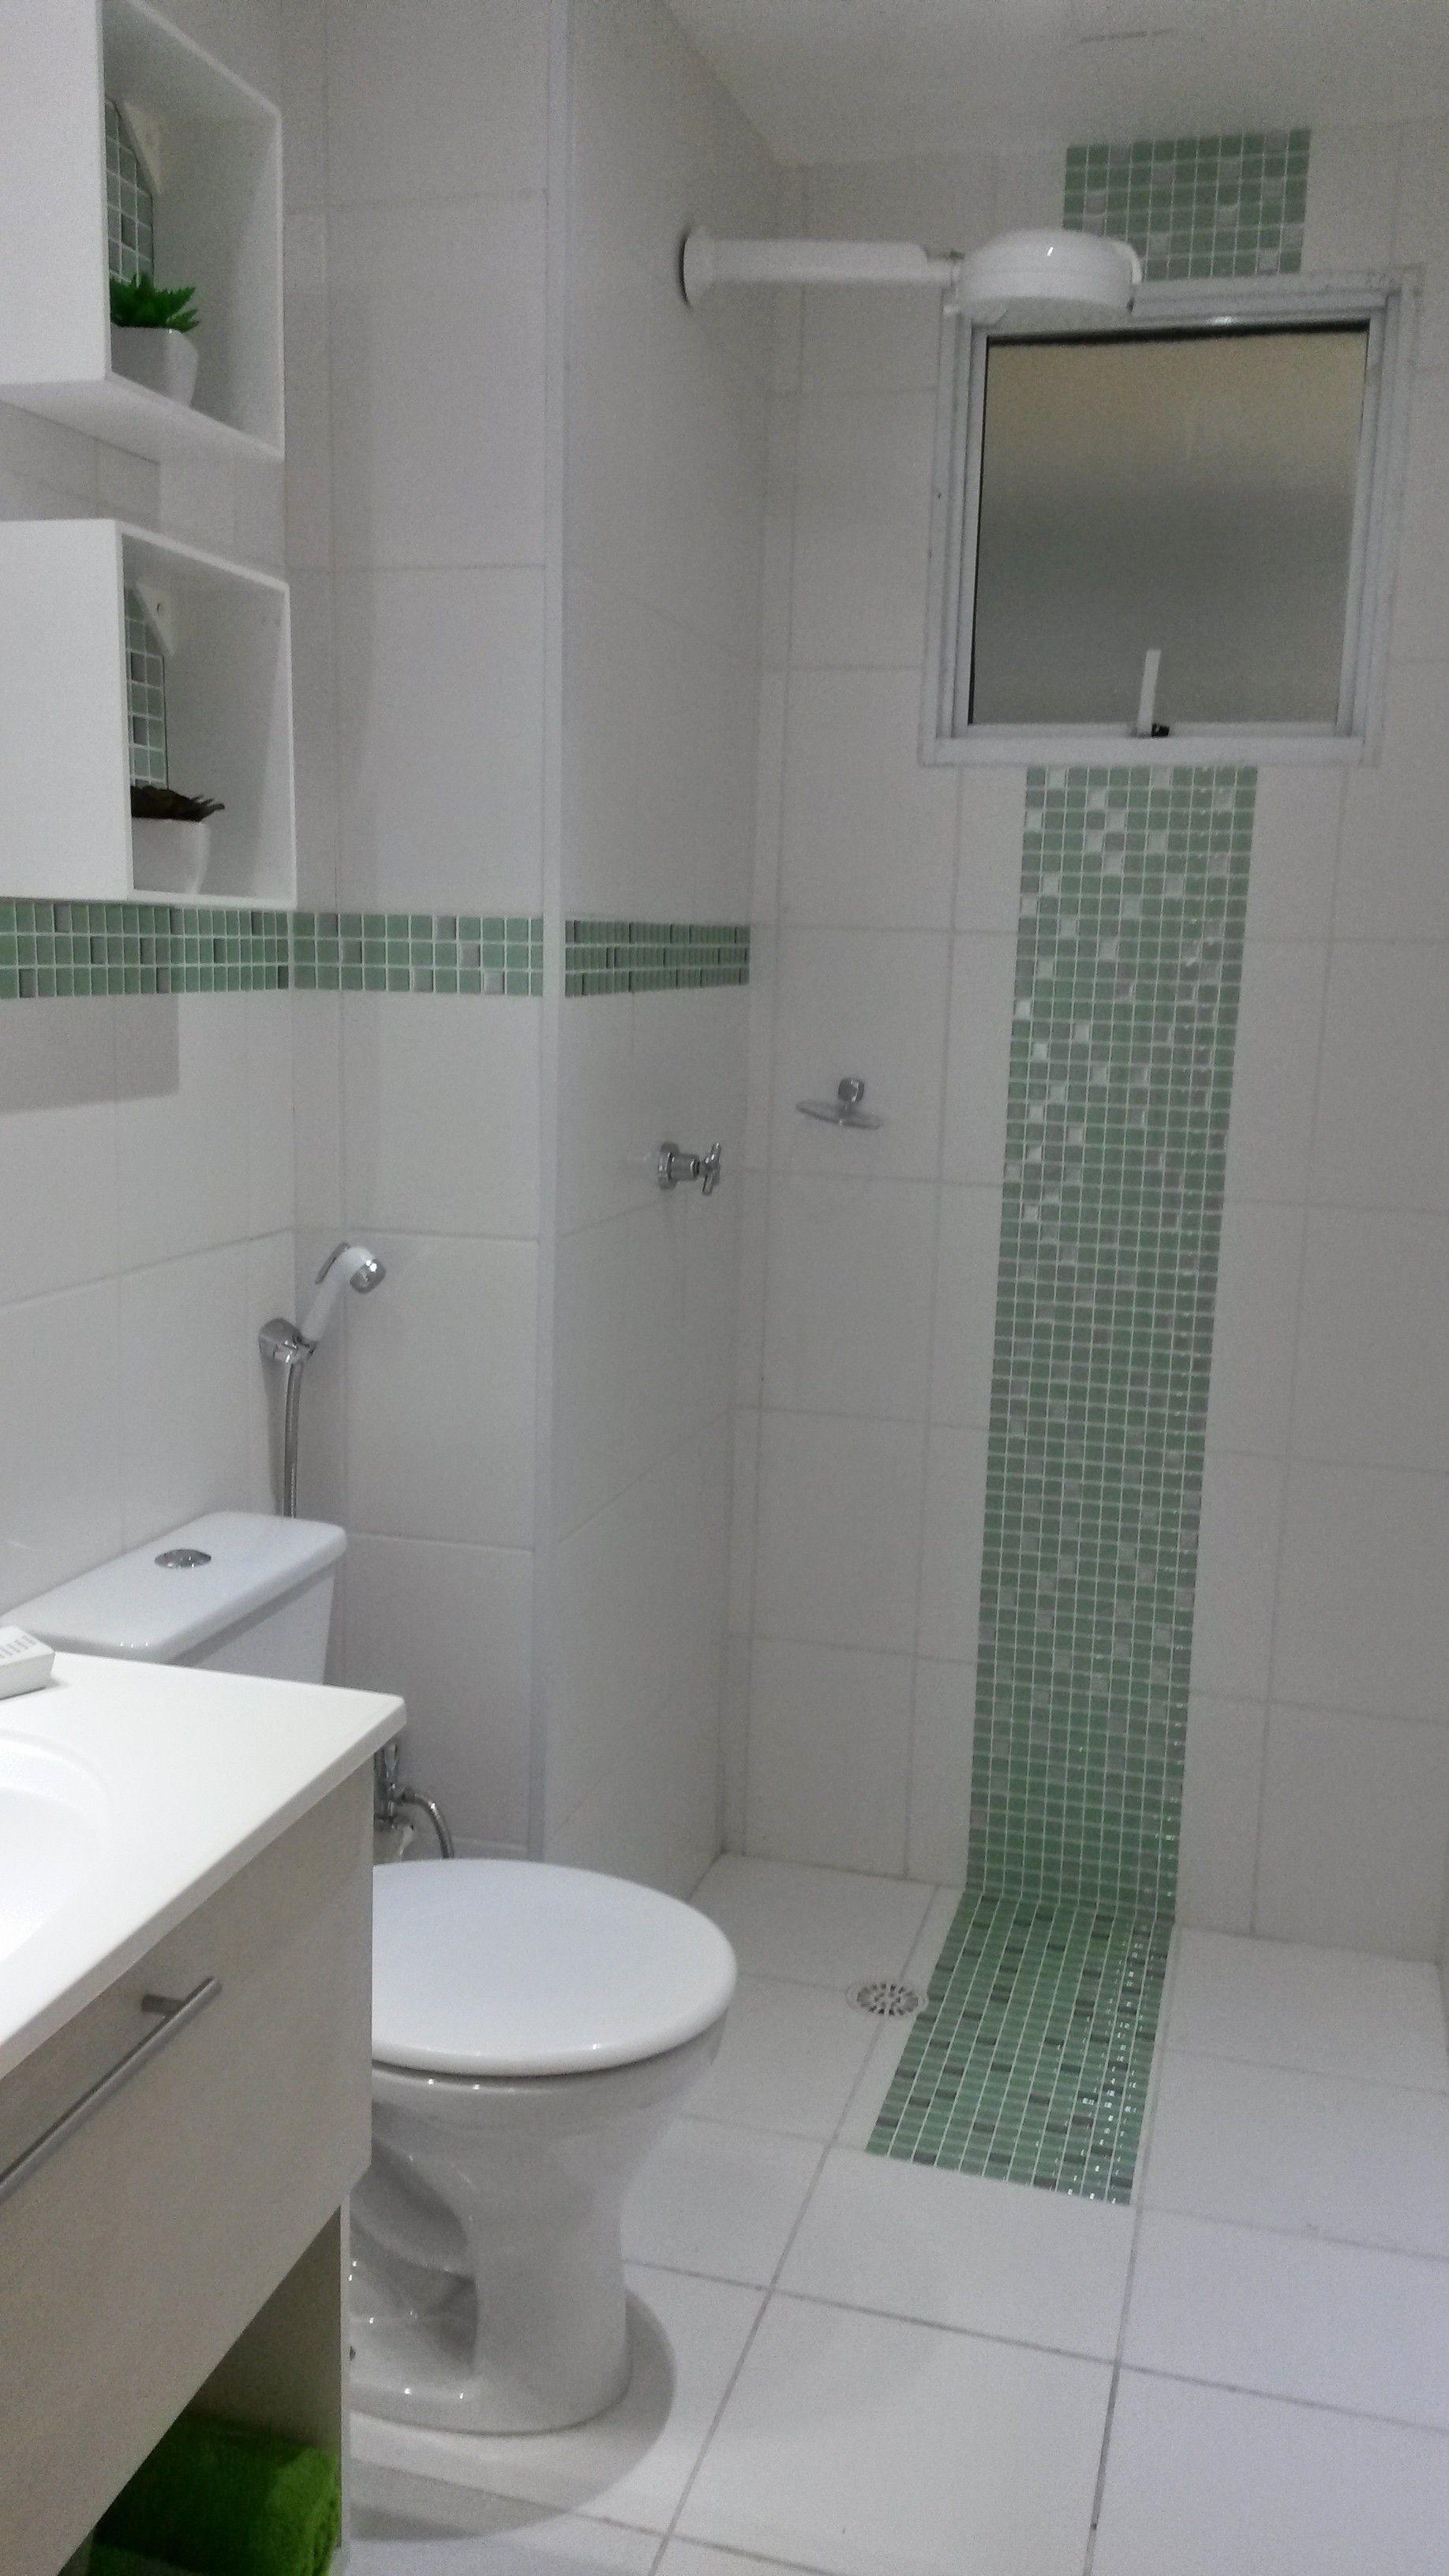 Banheiro com pastilha adesiva  Banheiros  Pinterest -> Decoracao De Banheiro Com Pastilha Adesiva